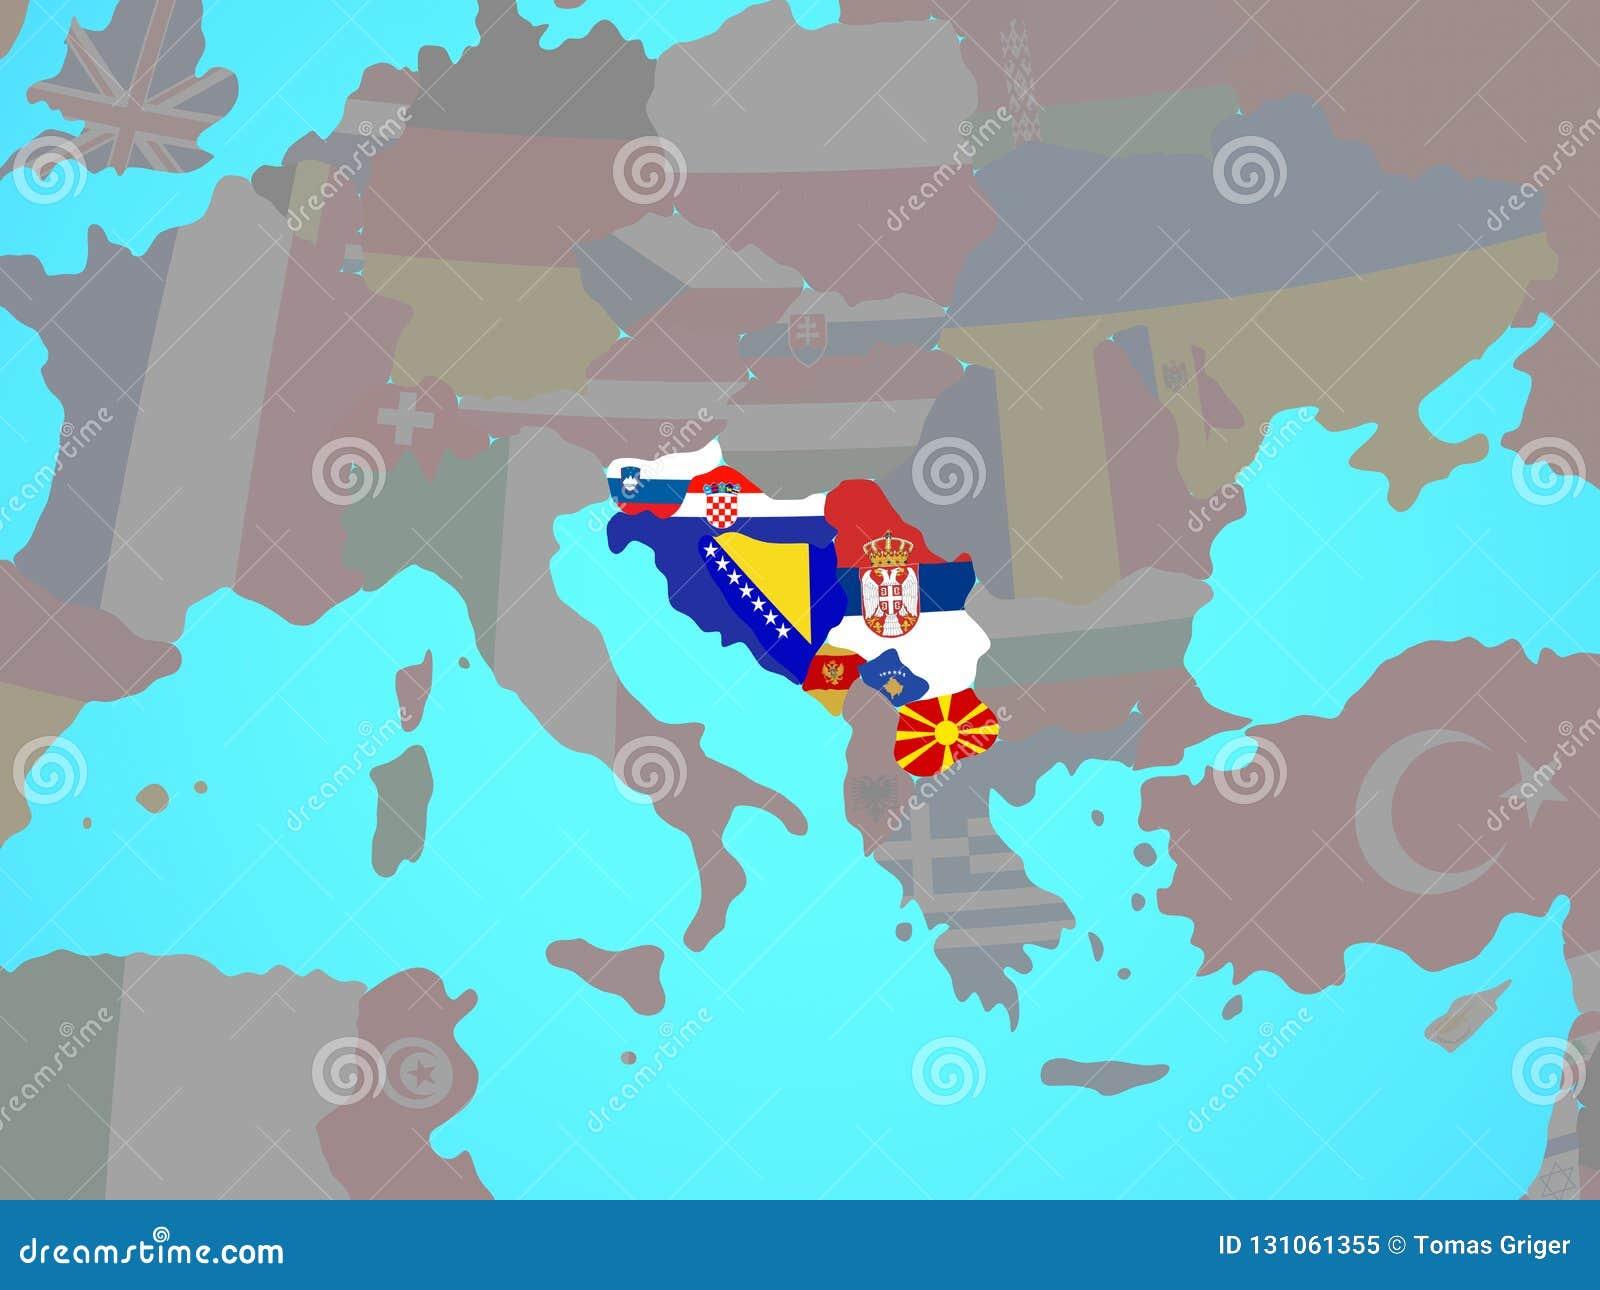 Jugoslawien Karte.Jugoslawien Mit Flaggen Auf Karte Stock Abbildung Illustration Von